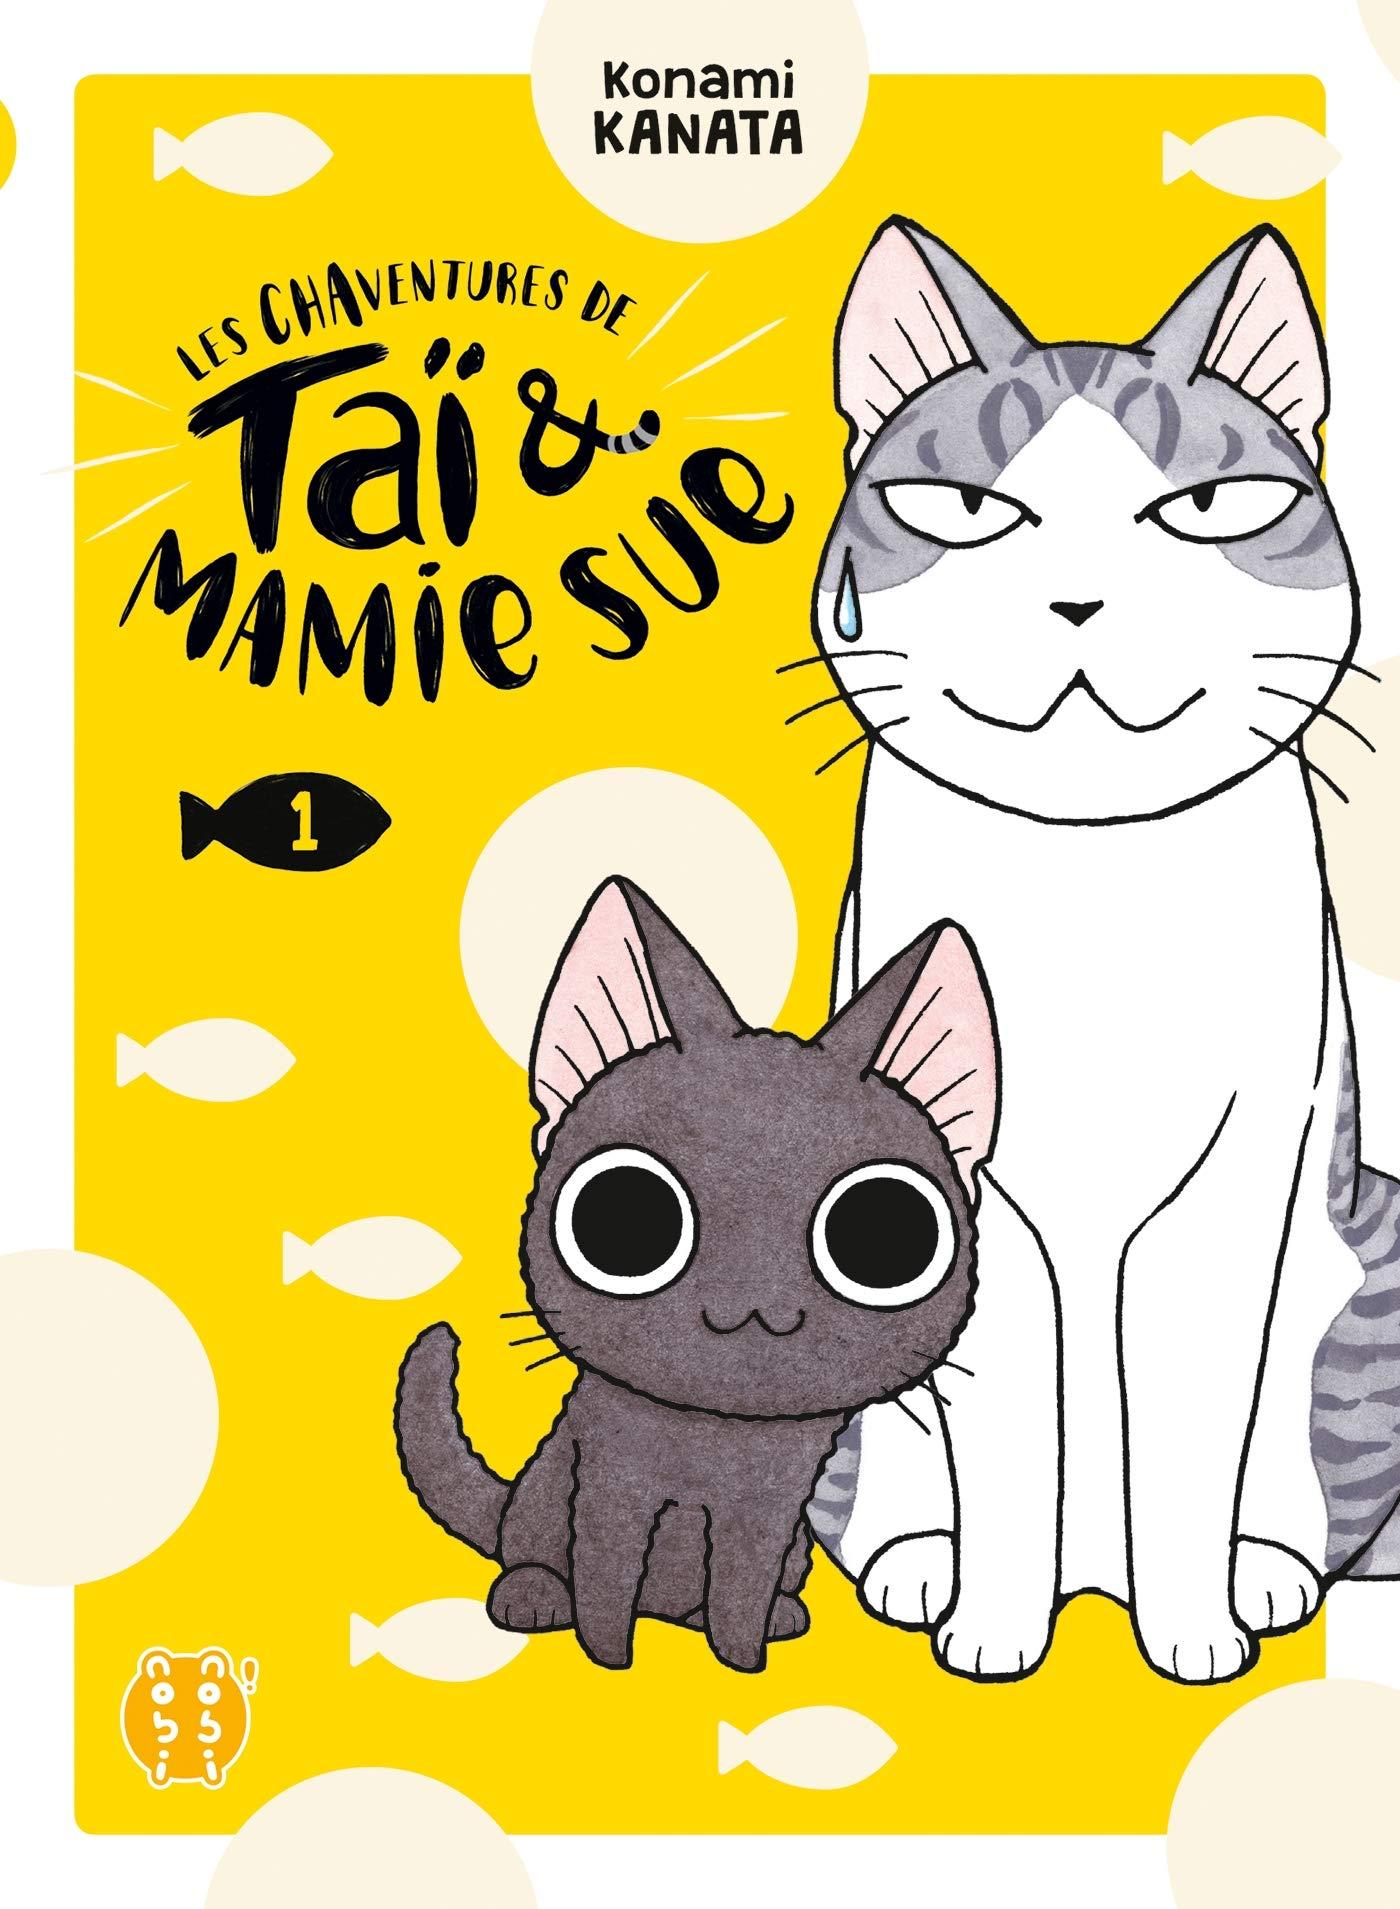 Les chaventures de Taï et Mamie Sue n° 1 Les chaventures de Taï et Mamie Sue, 1